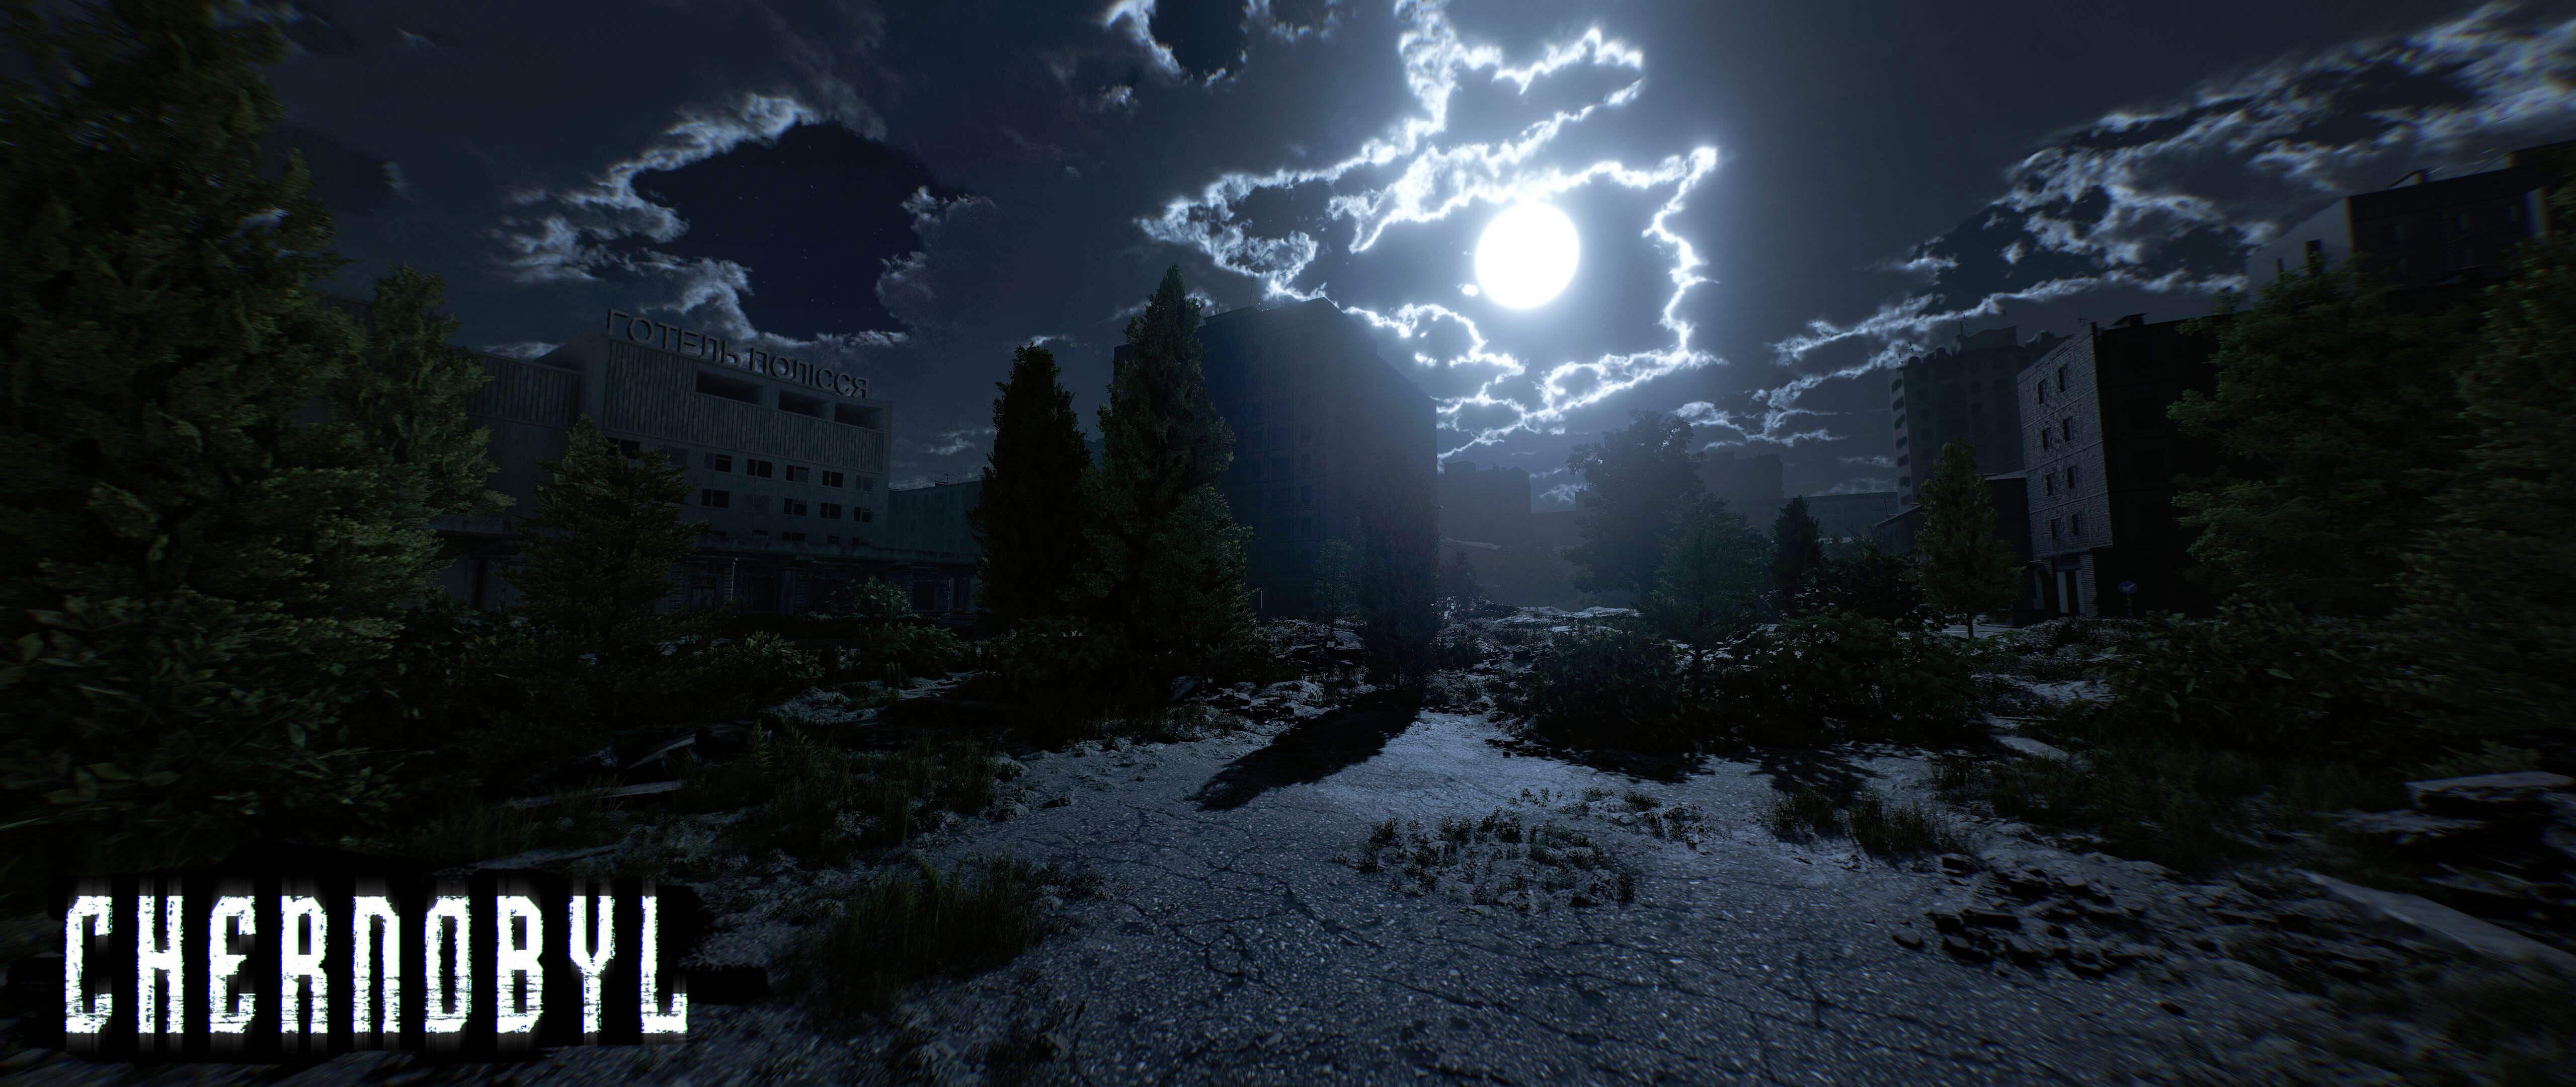 chrnobyl 8.jpg